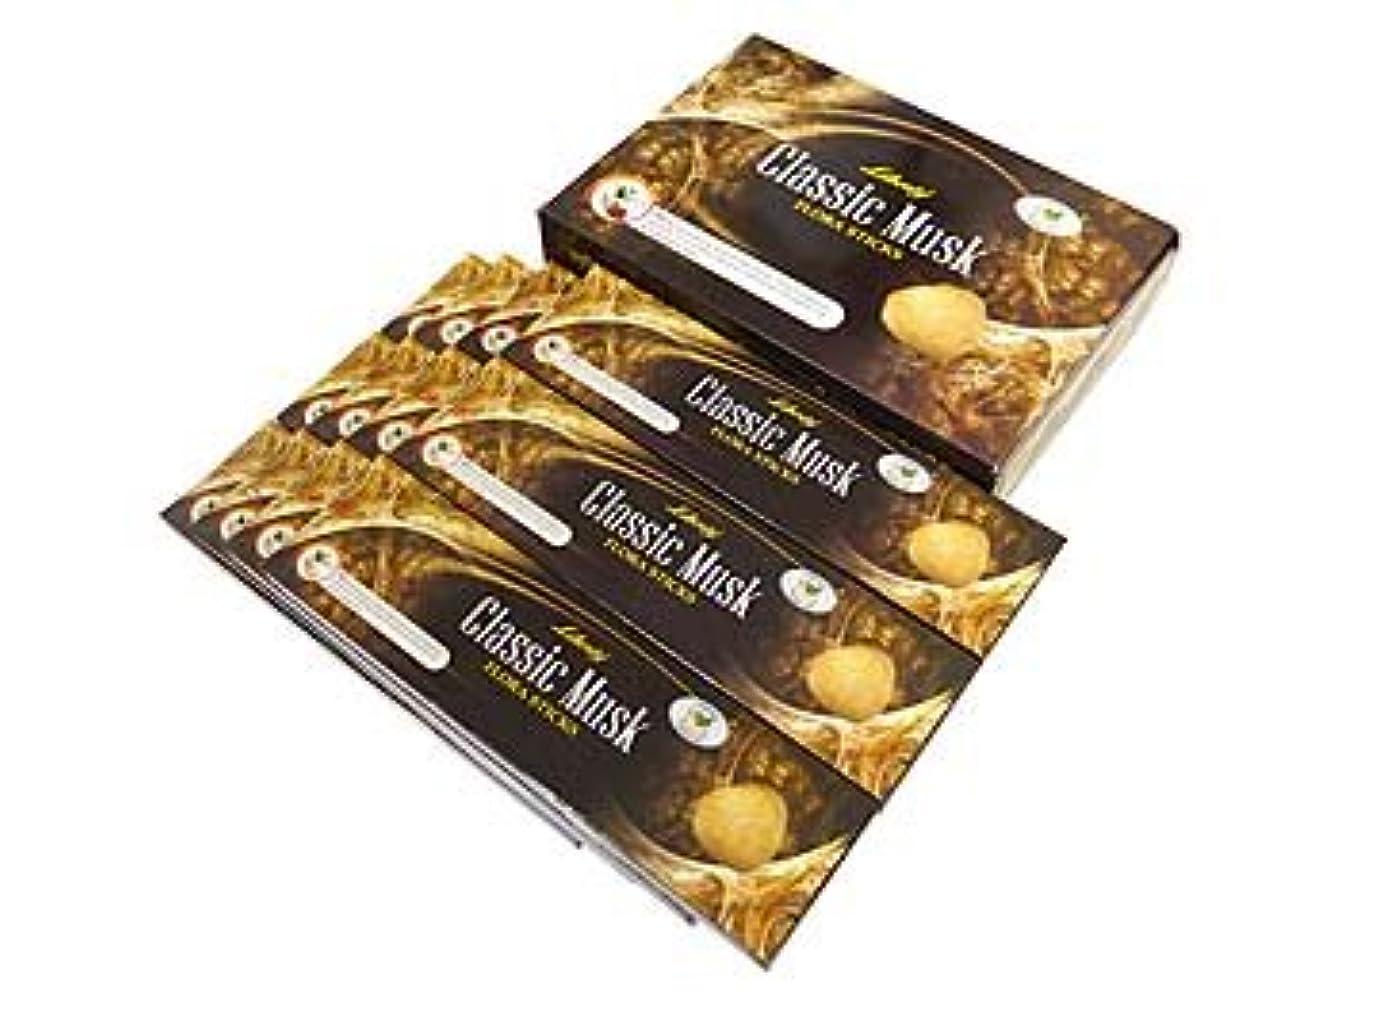 組み合わせる食事タンカーLIBERTY'S(リバティーズ) クラシックムスク香 スティック CLASSICMUSK 12箱セット